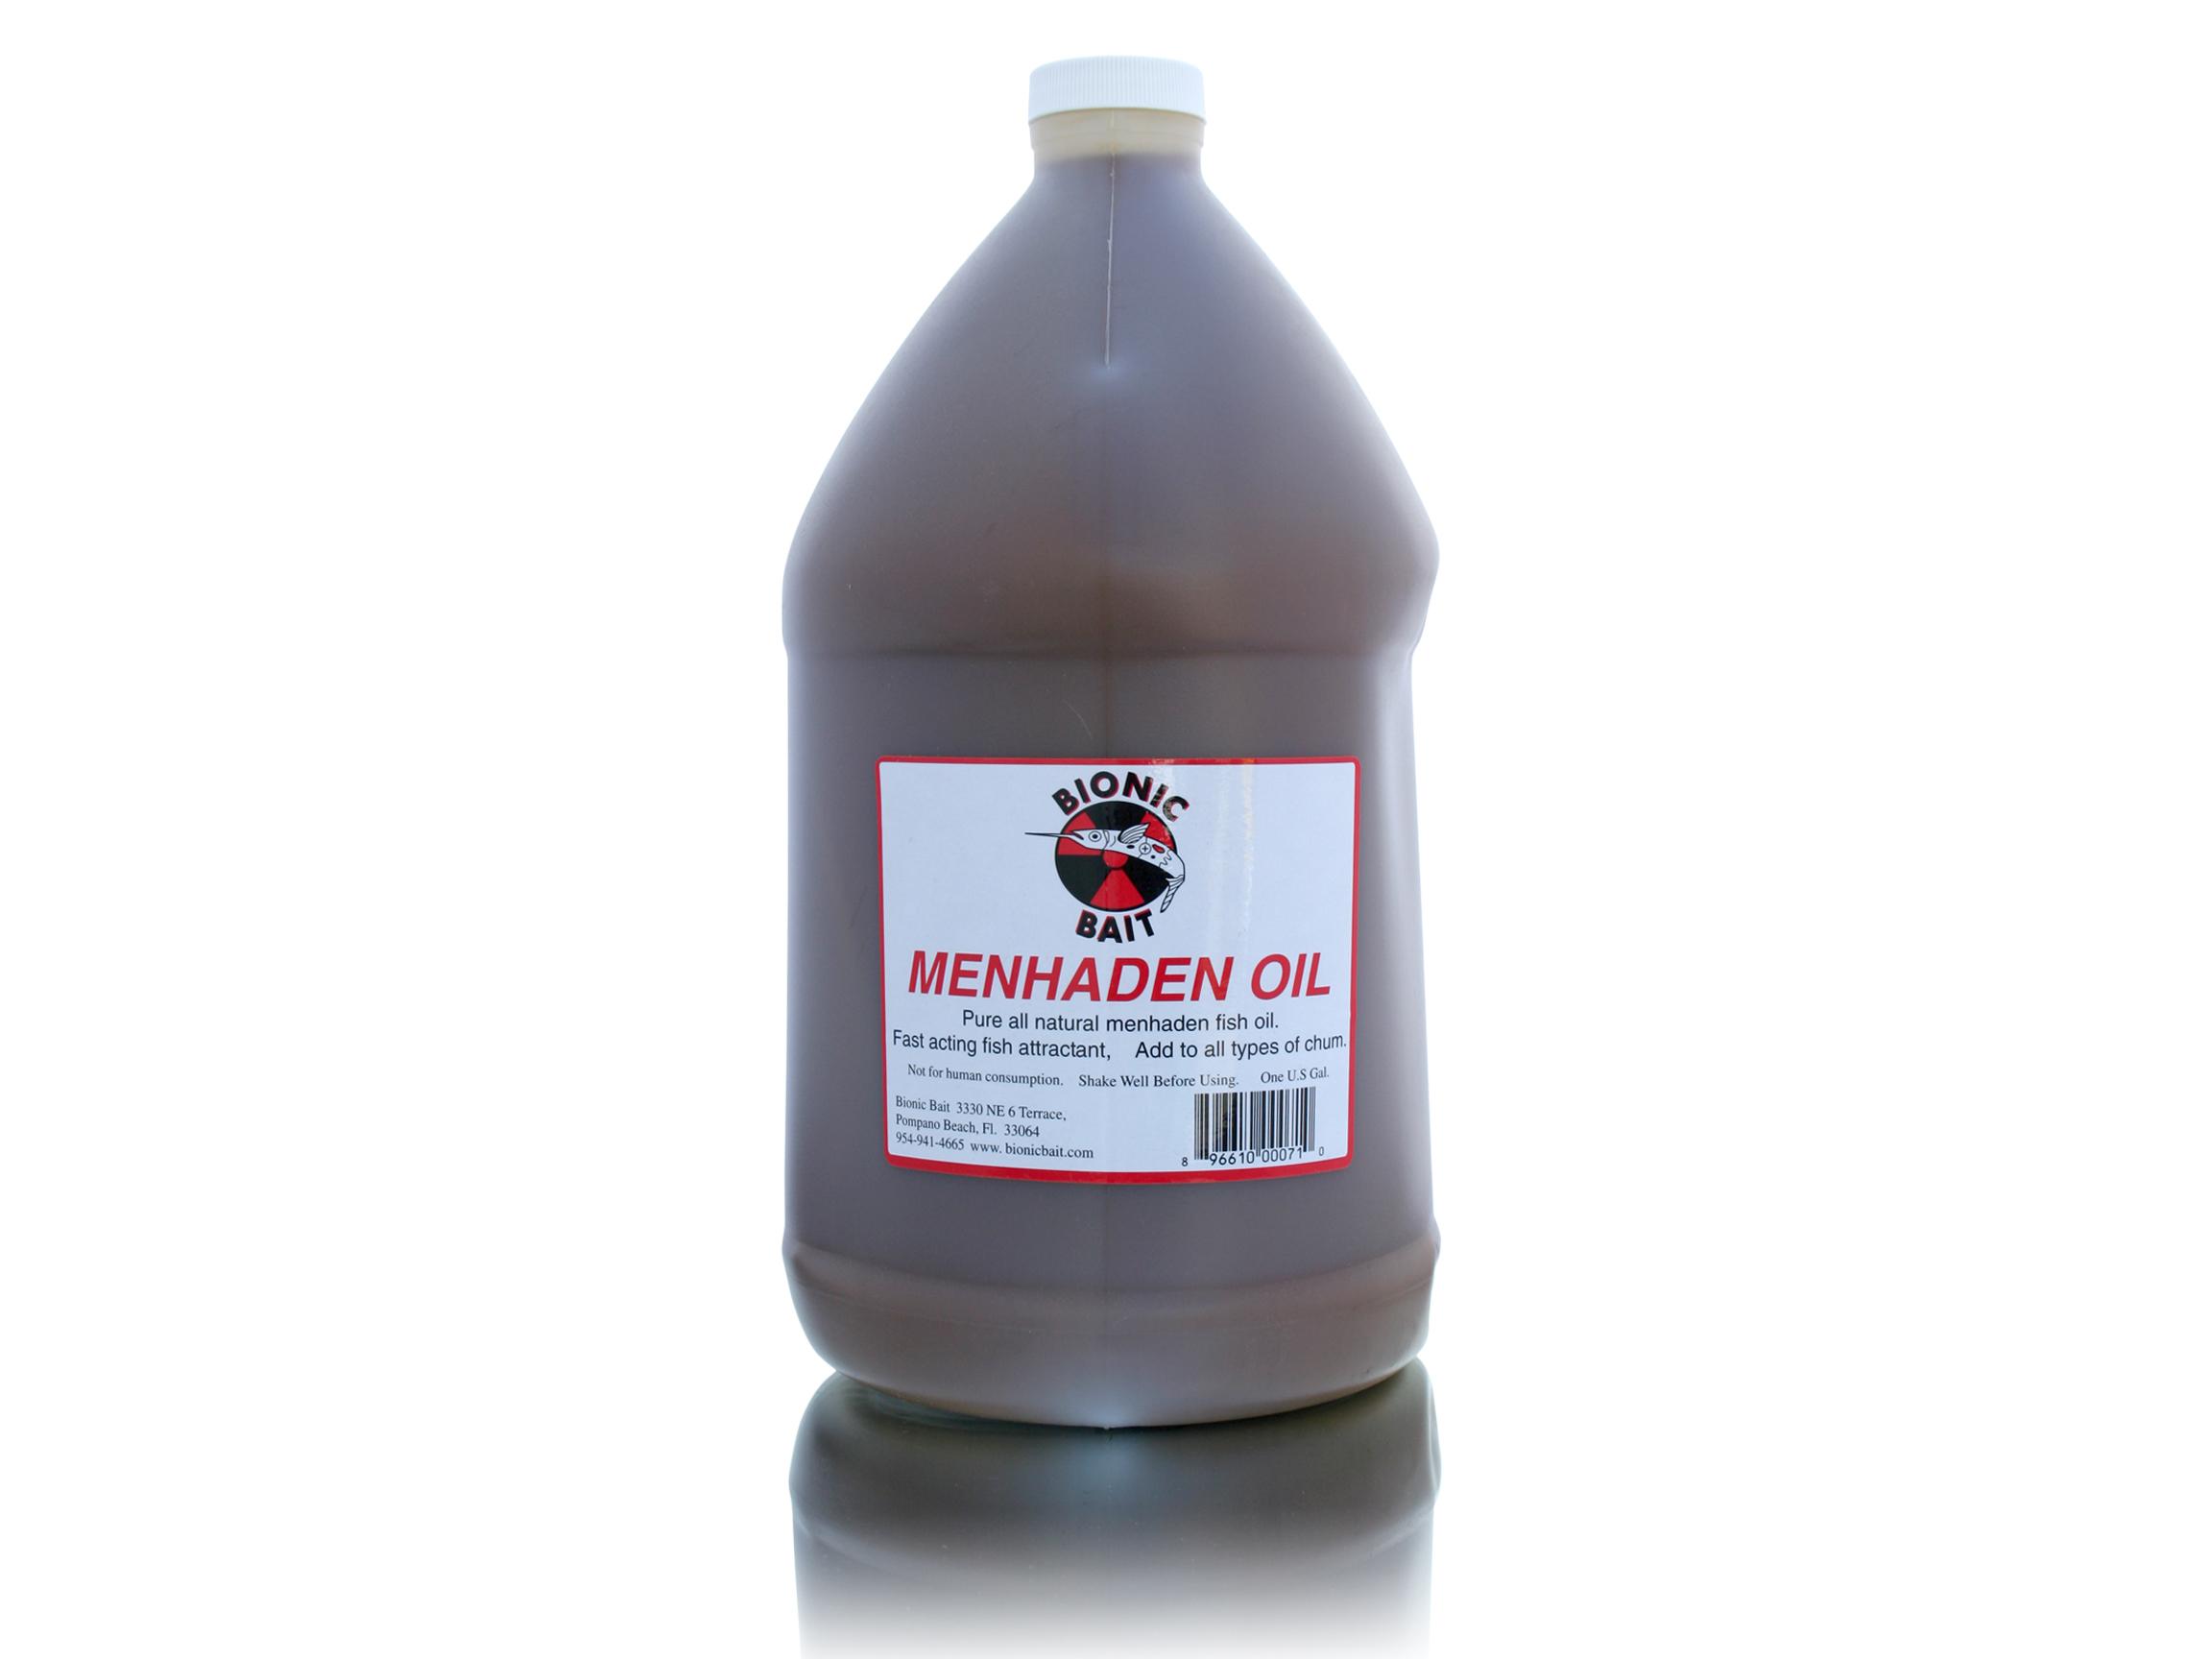 Manhaden Oil